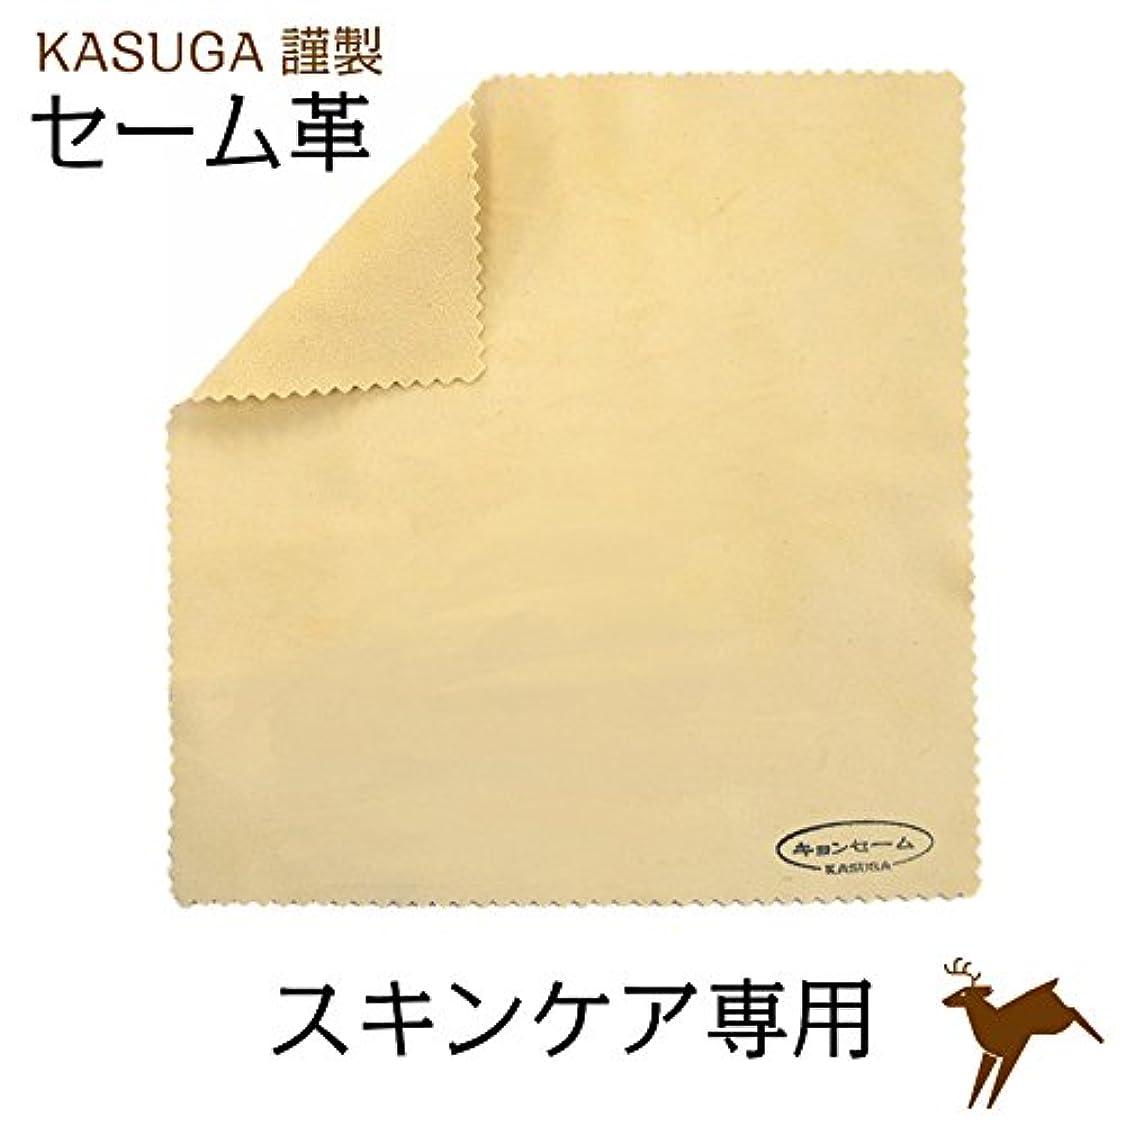 南方の右法的春日カスガ謹製 スキンケア専用キョンセーム革 20cm×20cm 3???